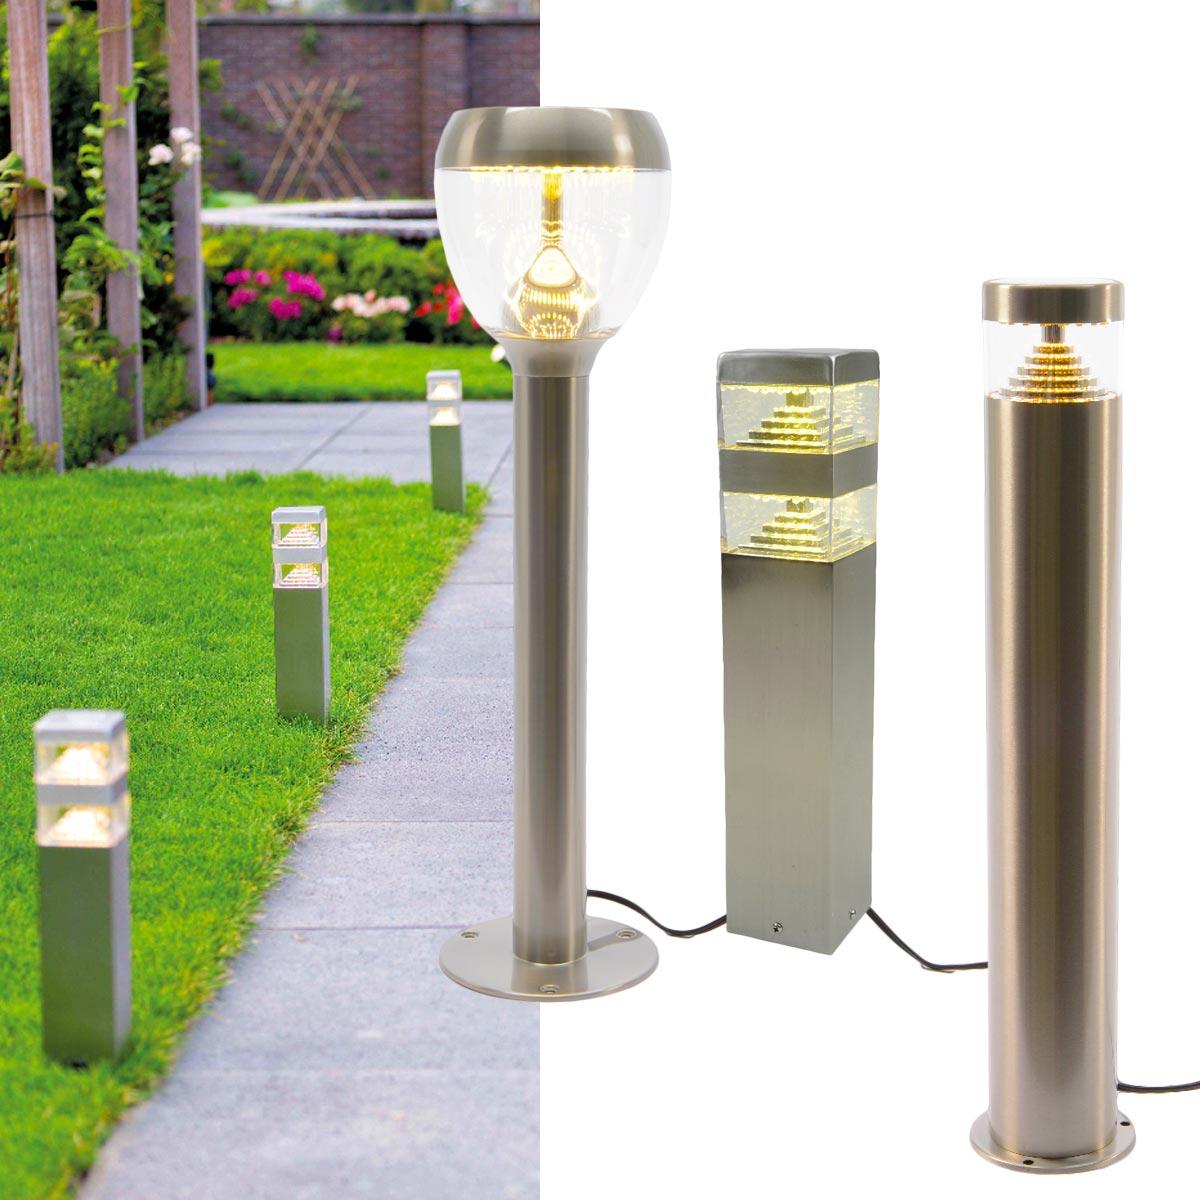 Système Éclairage Extérieur À Led 12V Basse Tension tout Borne Electrique De Jardin Avec Prise